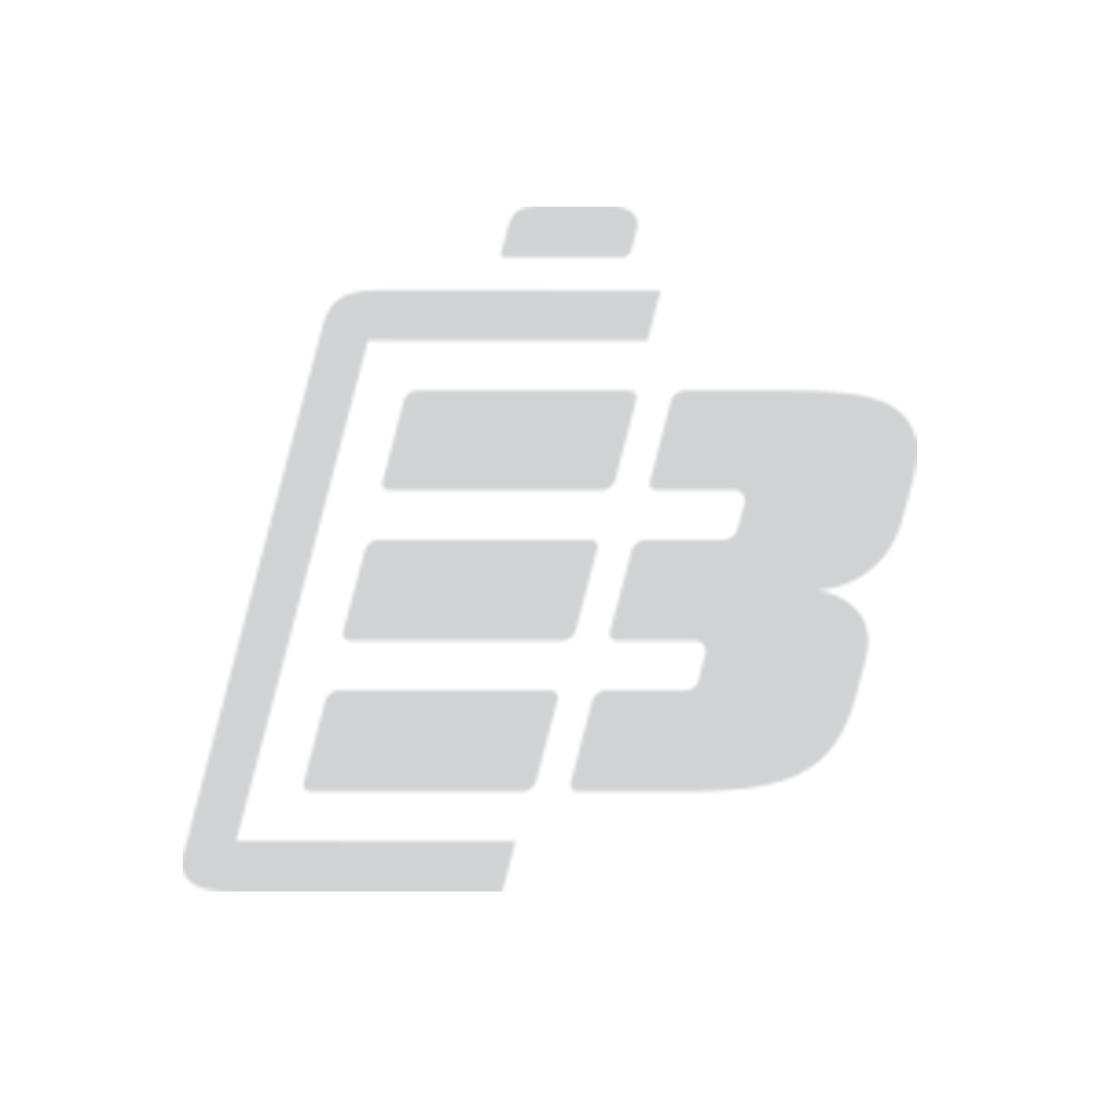 CSB Lead Acid Battery HR1234W 1